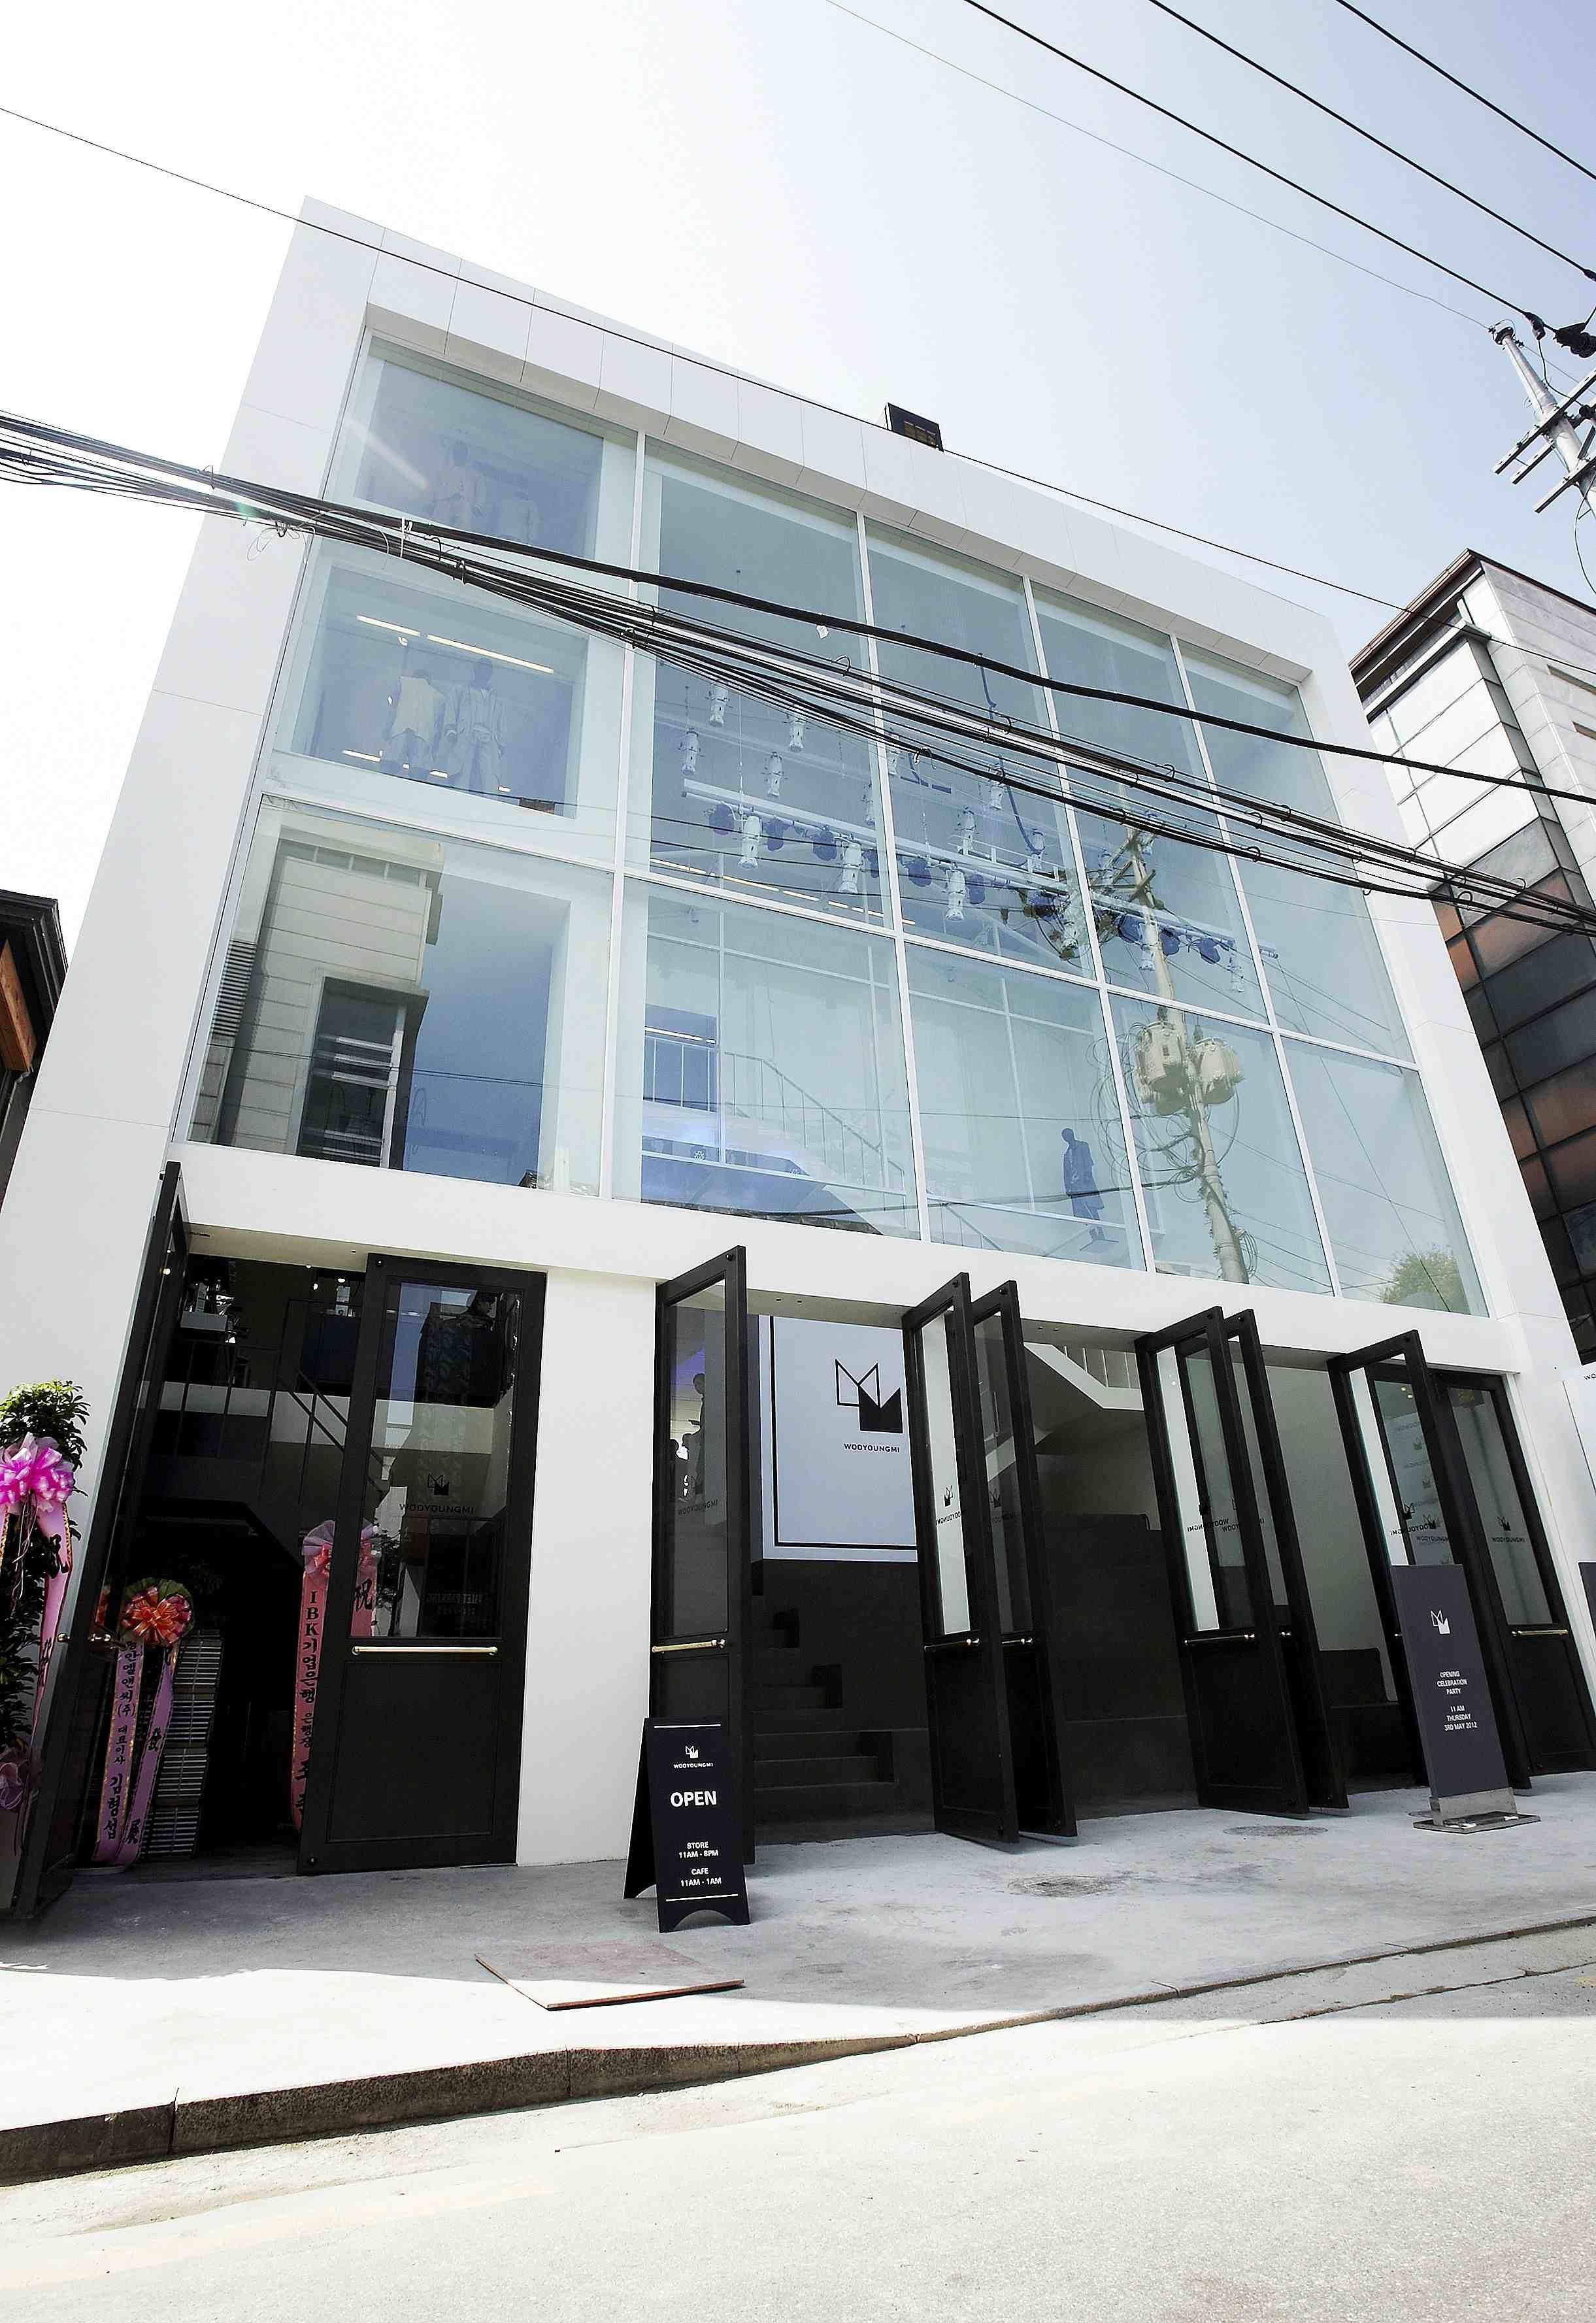 Innenarchitektur Veranstaltungen manmade wooyoungmi seoul in shinsa dong stores in